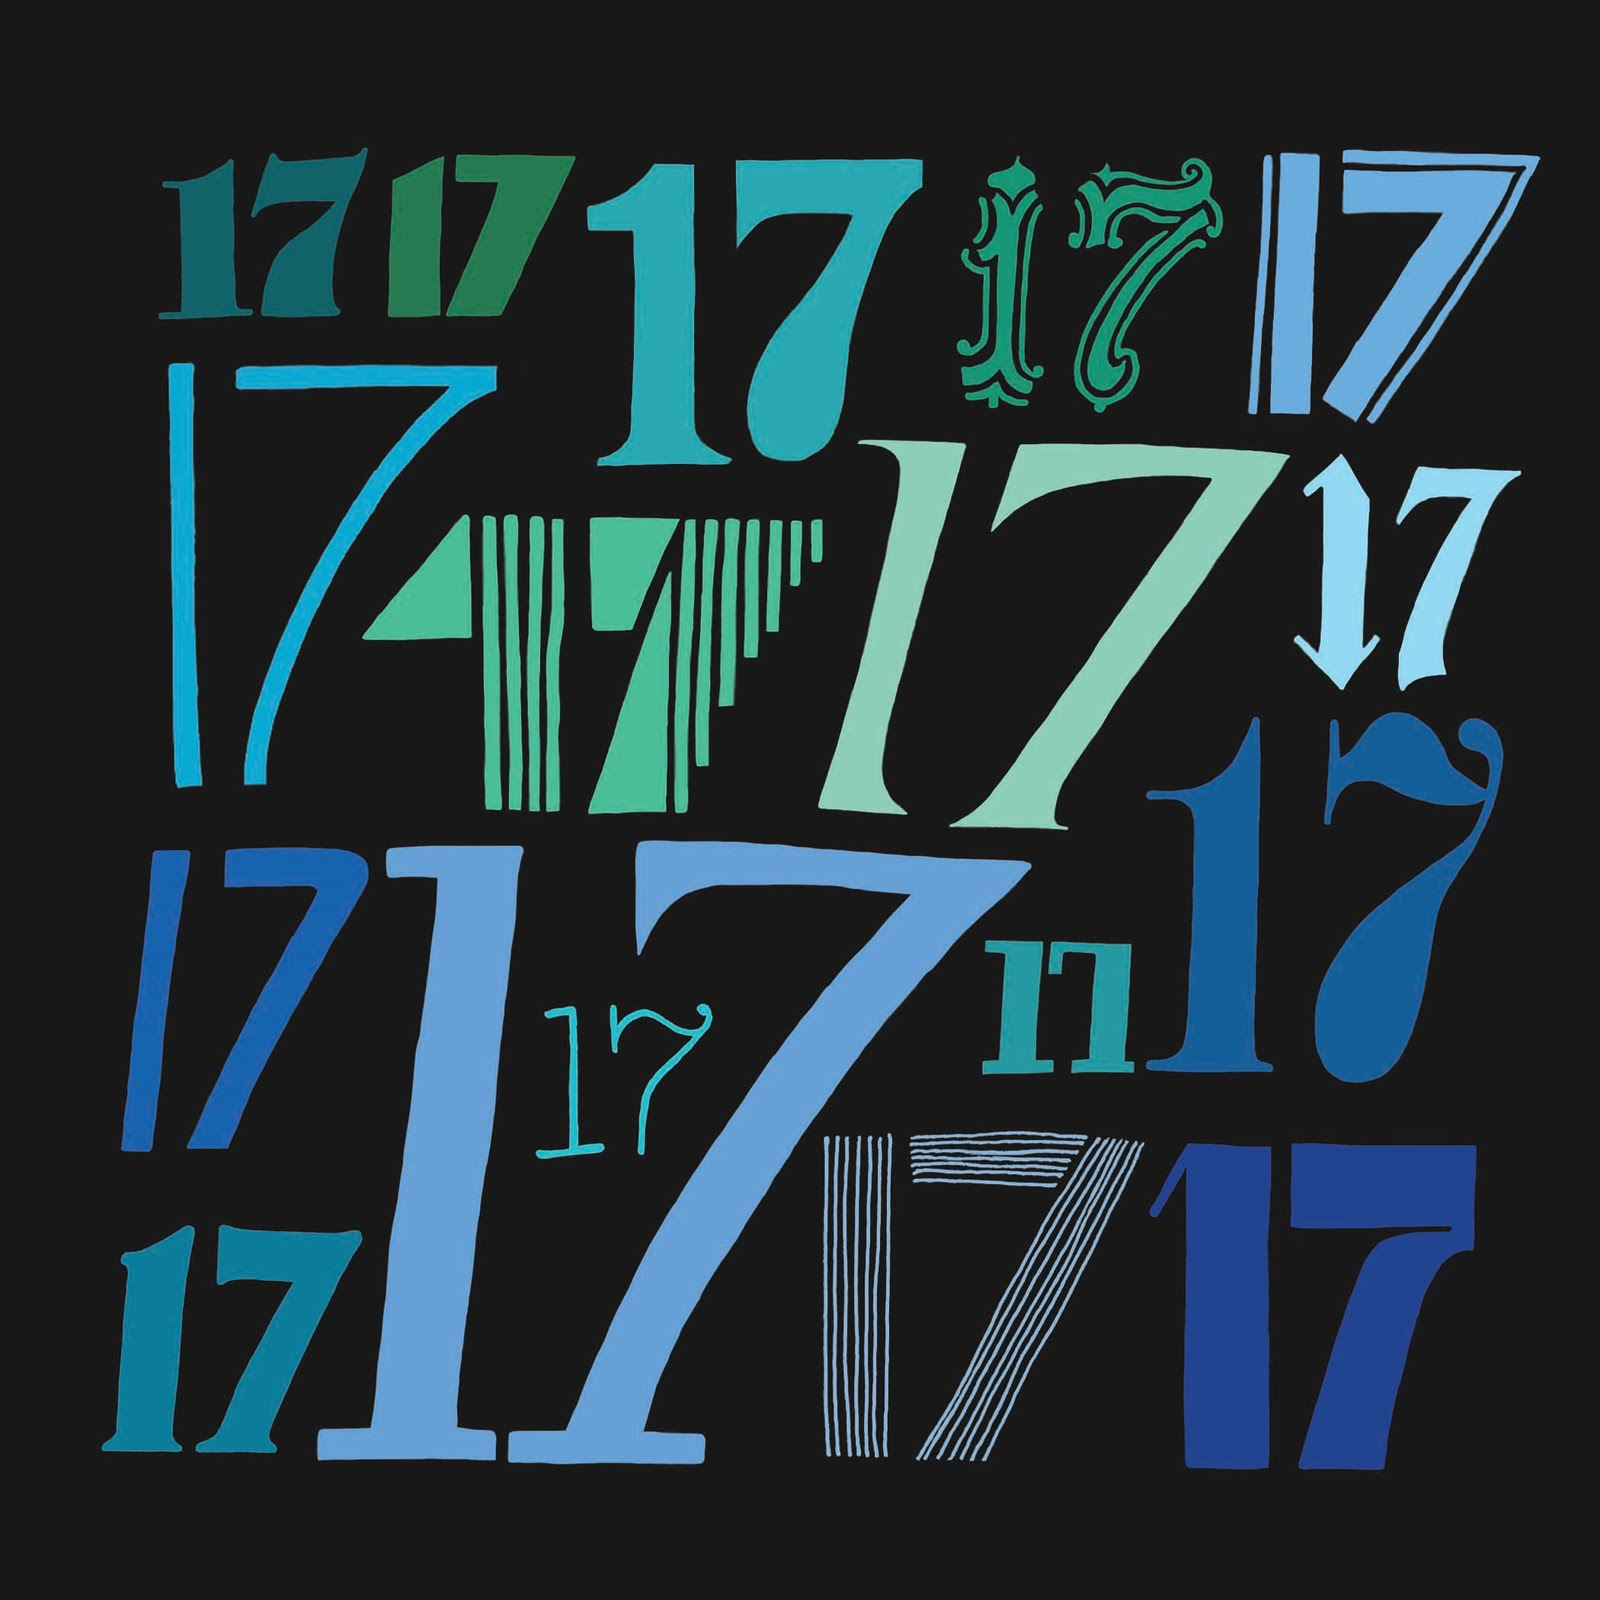 LK_number_17_color_greenblue.jpg